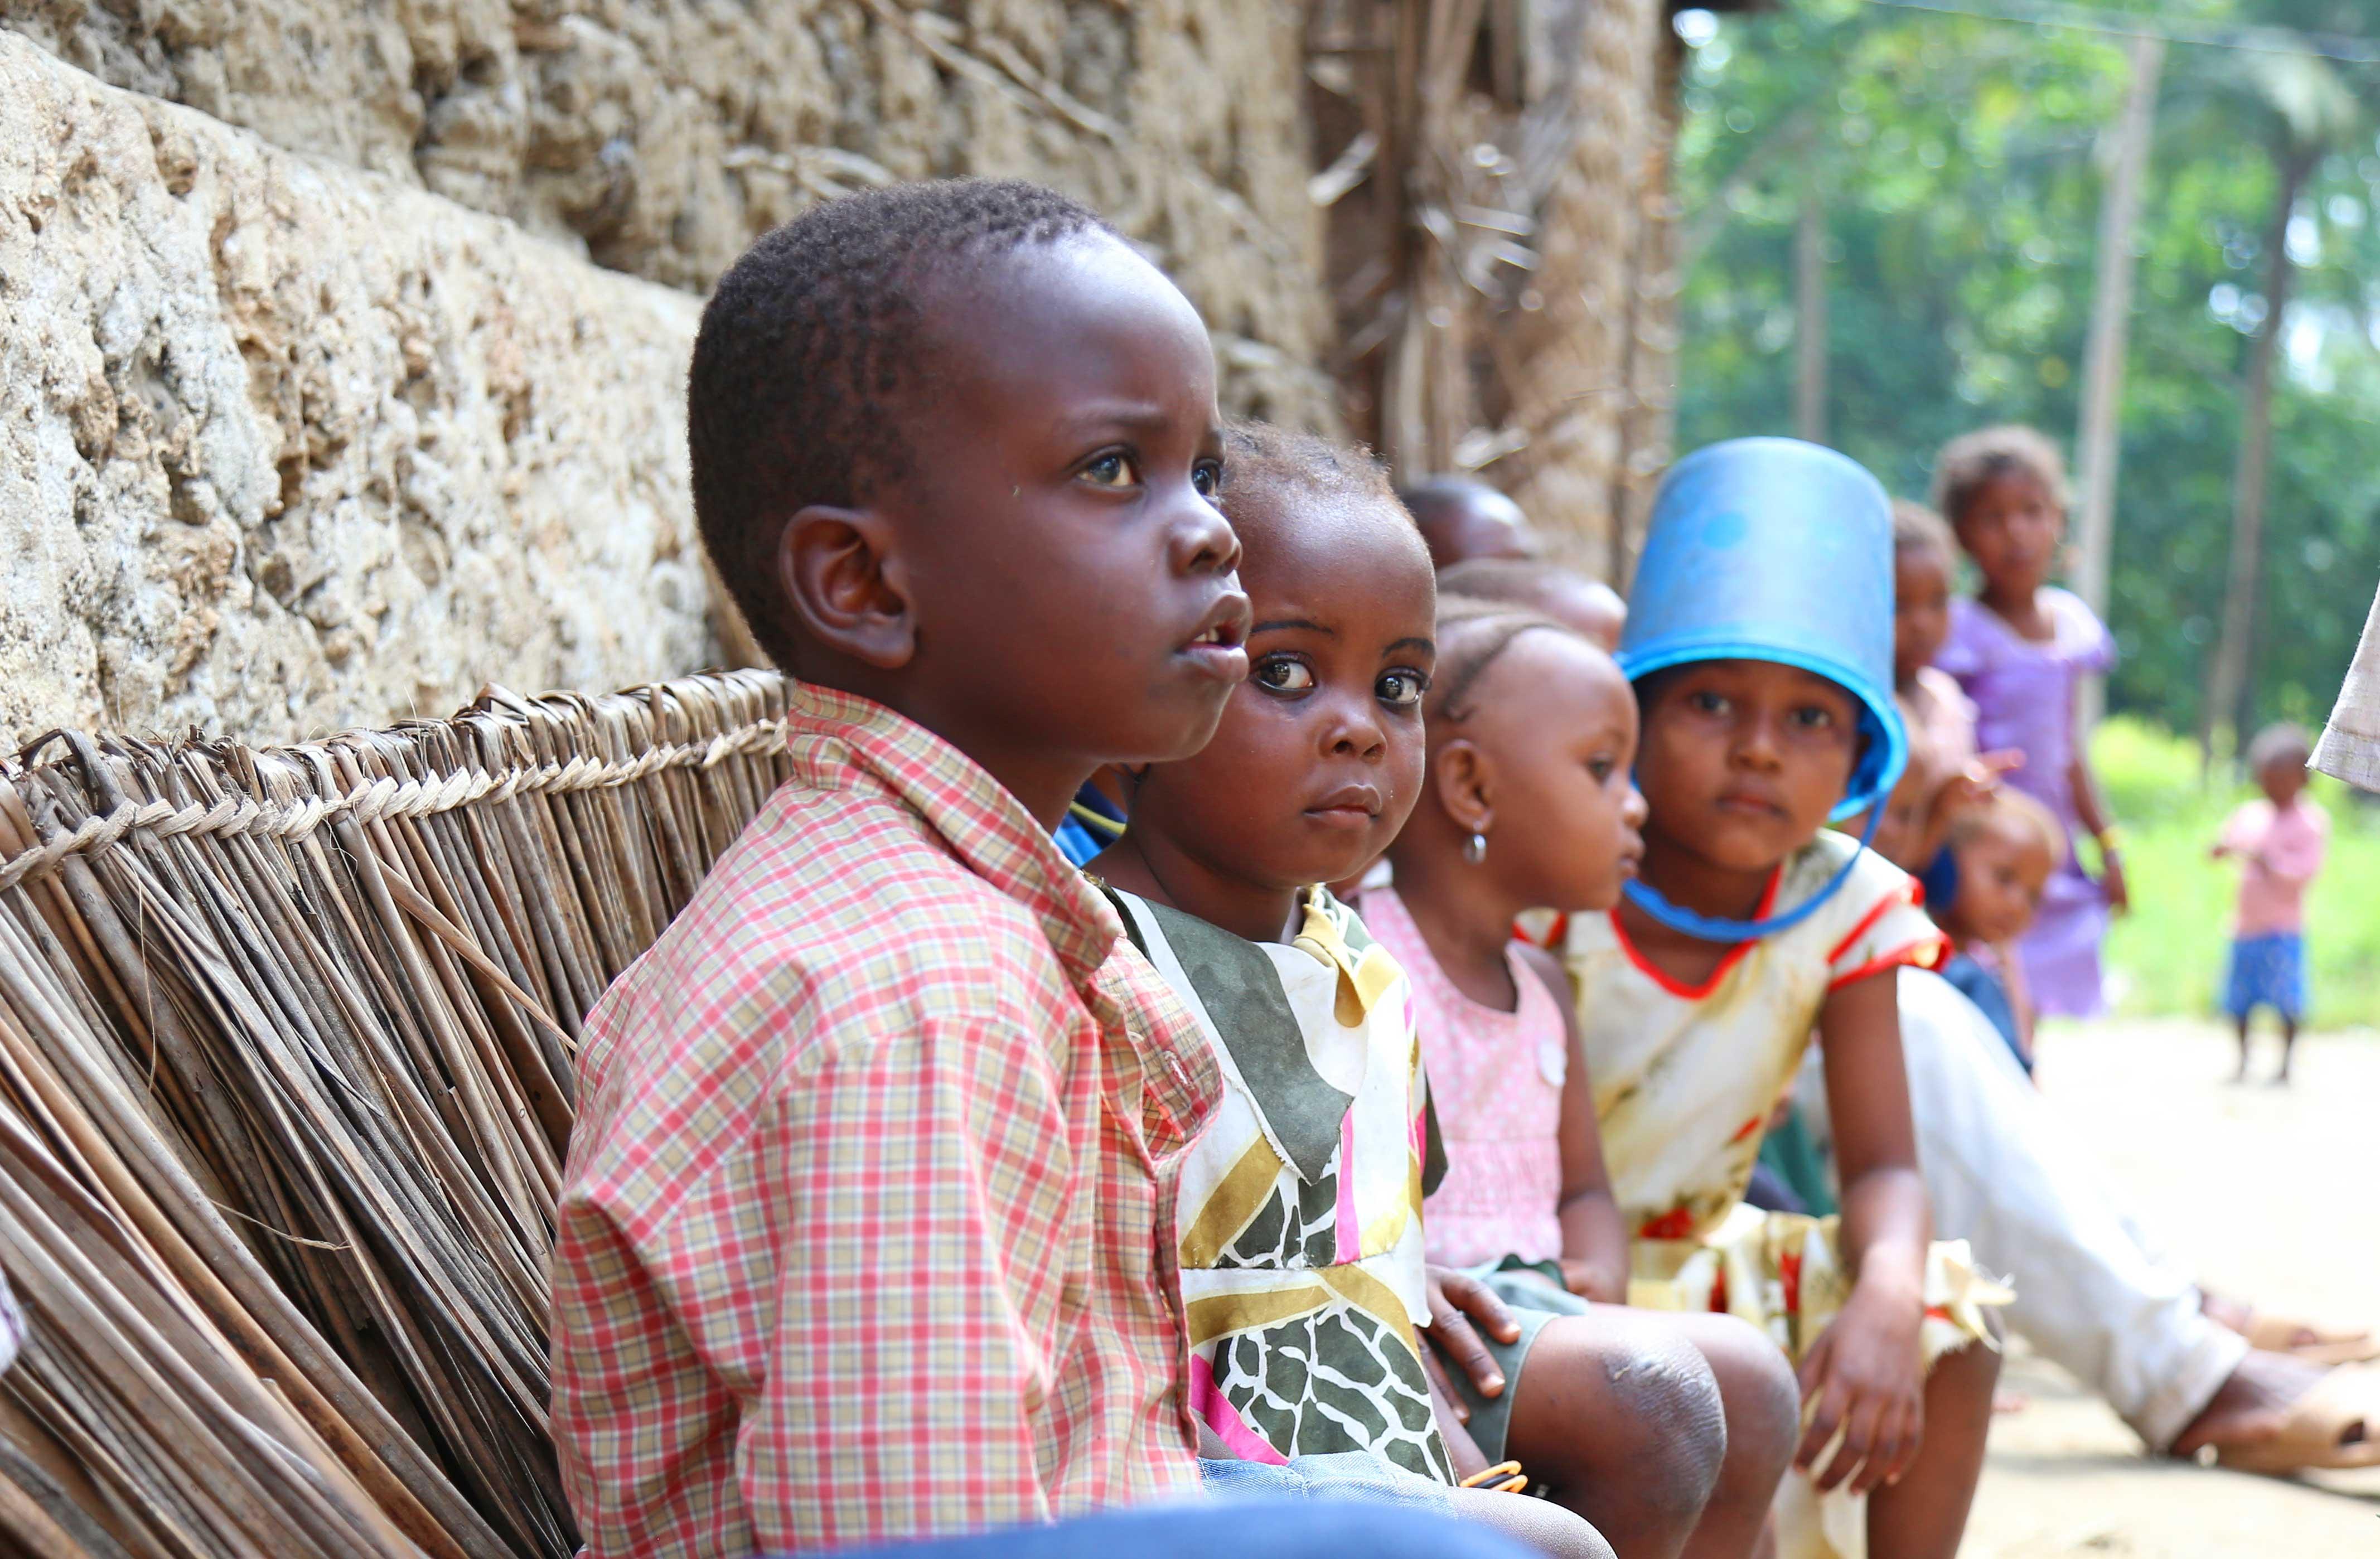 Картинки по запросу zanzibar people